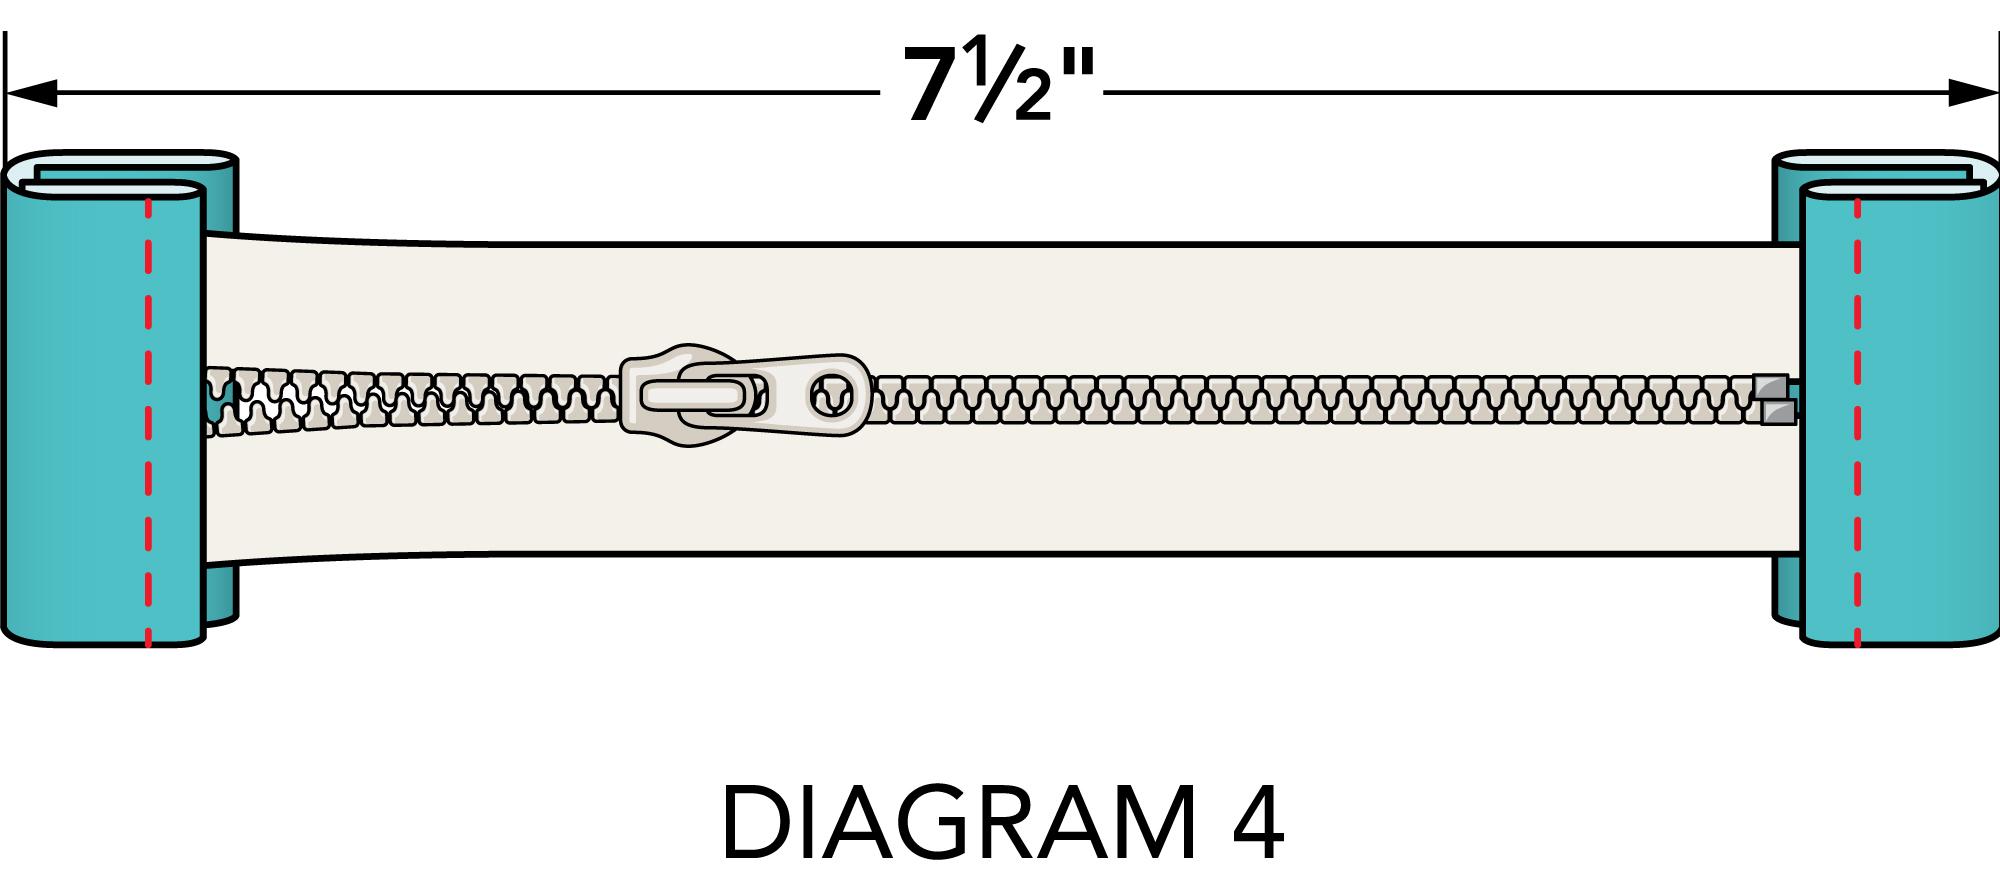 Sew Write pouch diagonal 4